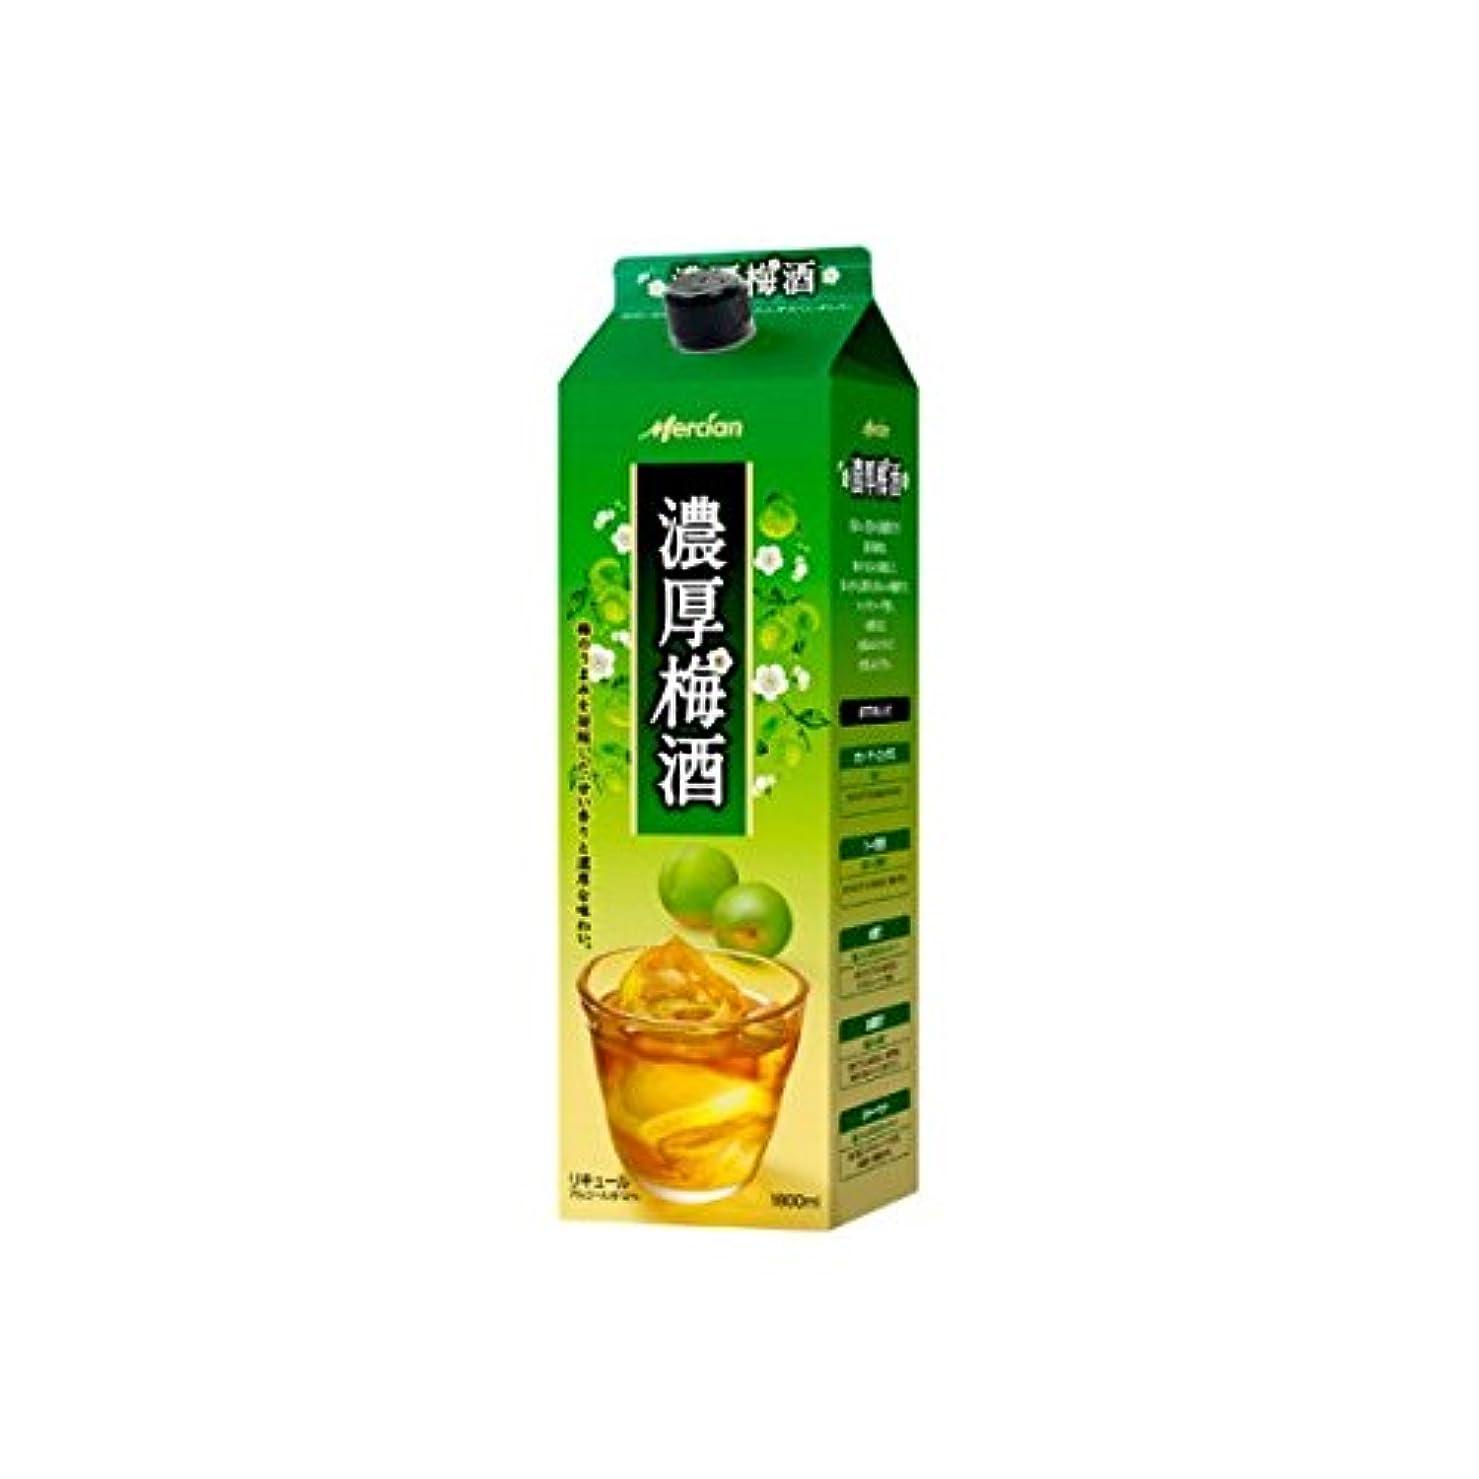 タオル食事を調理するターゲットキリン 濃厚梅酒 パック 1.8L